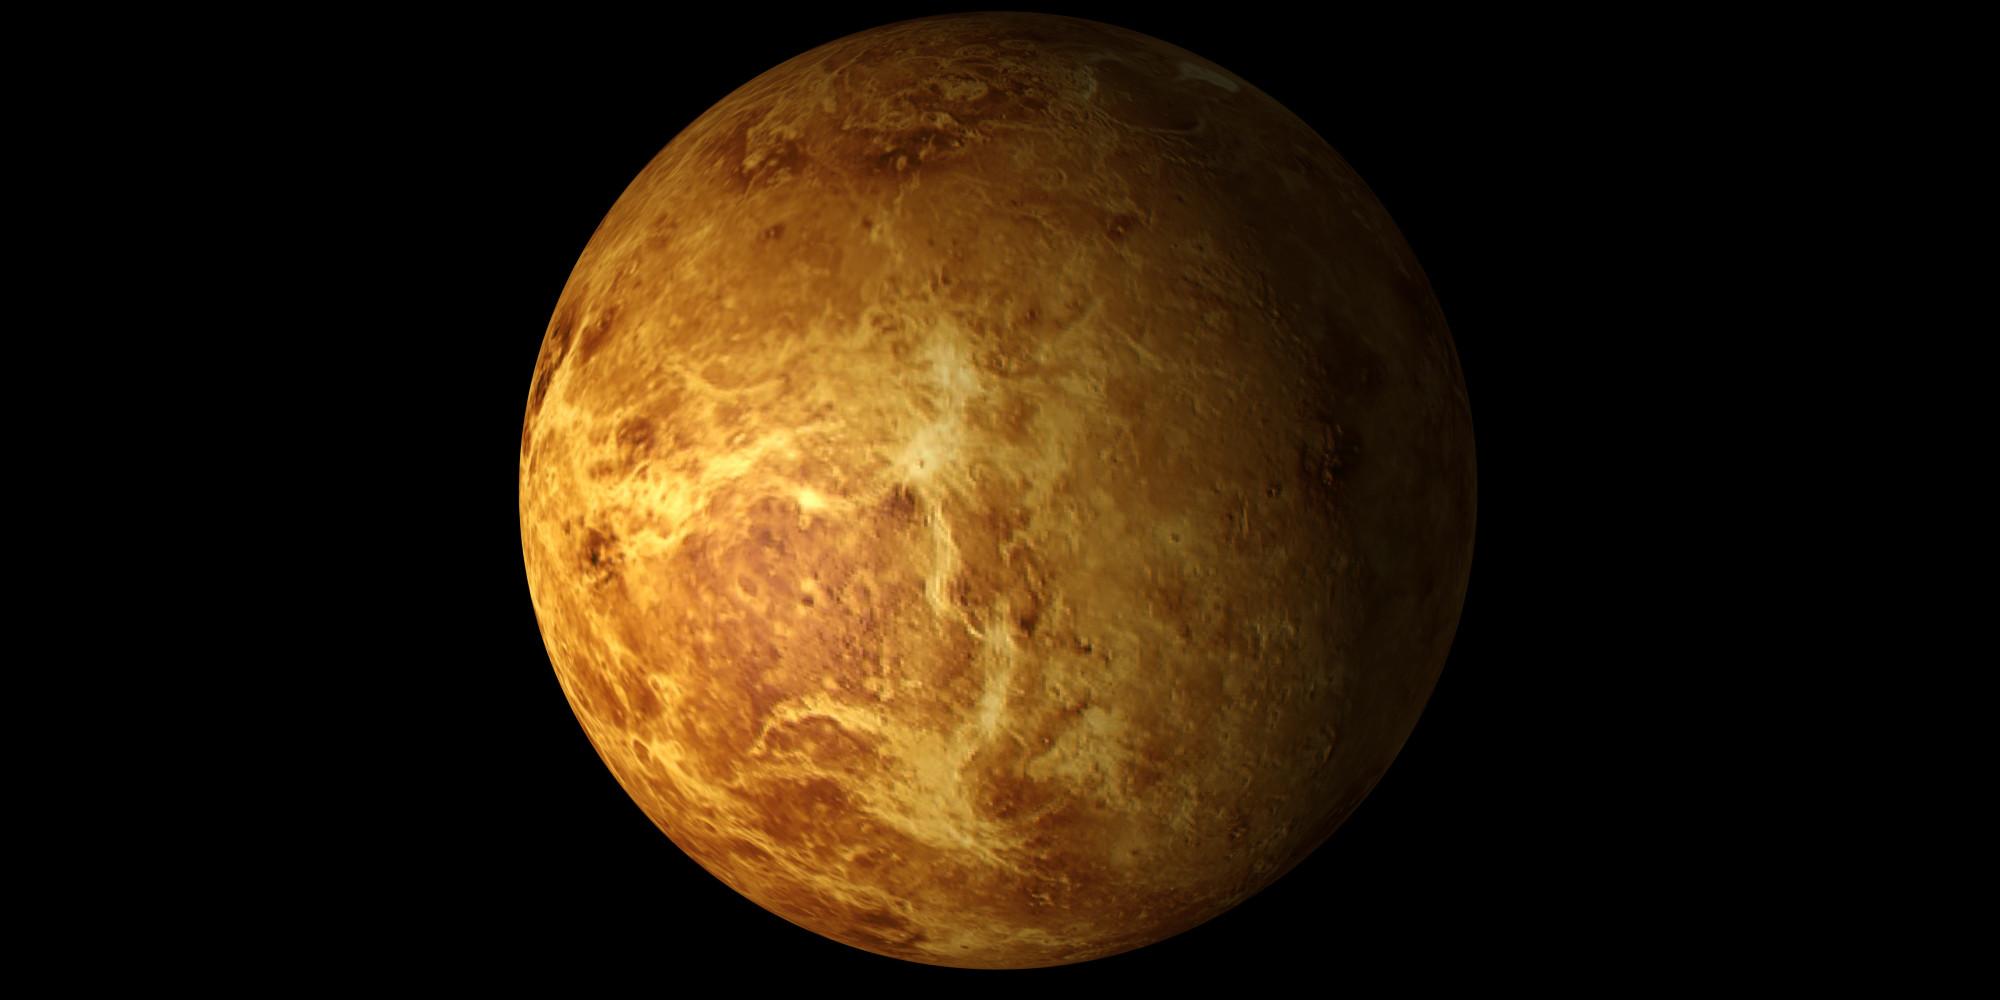 ¿Deberíamos terraformar Venus primero? (Parte 1)